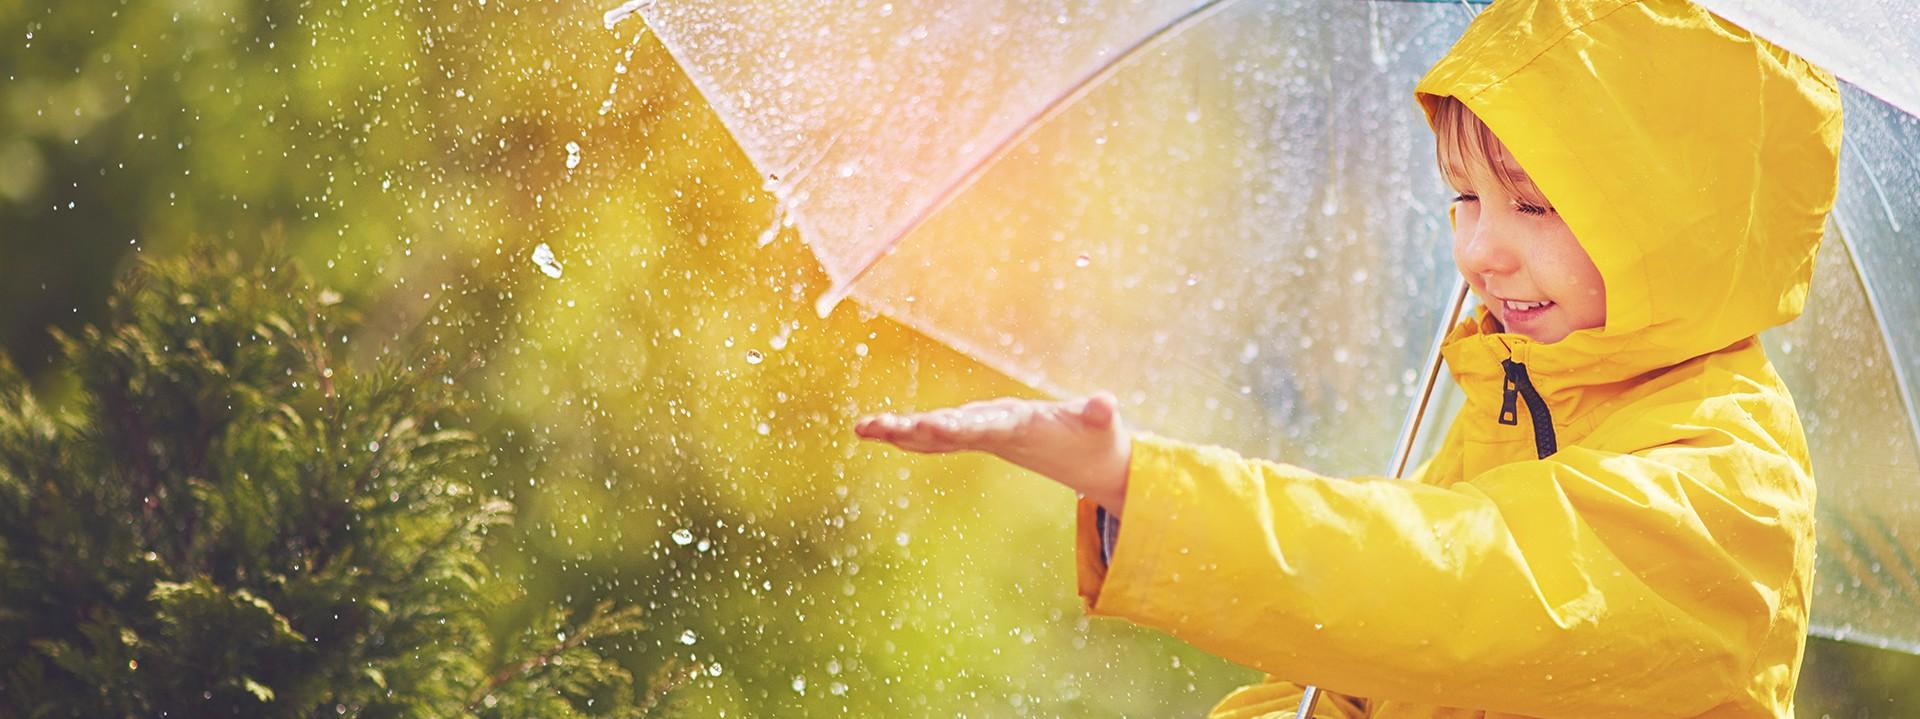 Ein Junge mit gelben Regenmantel und Reegenschirm genießt den Reegen